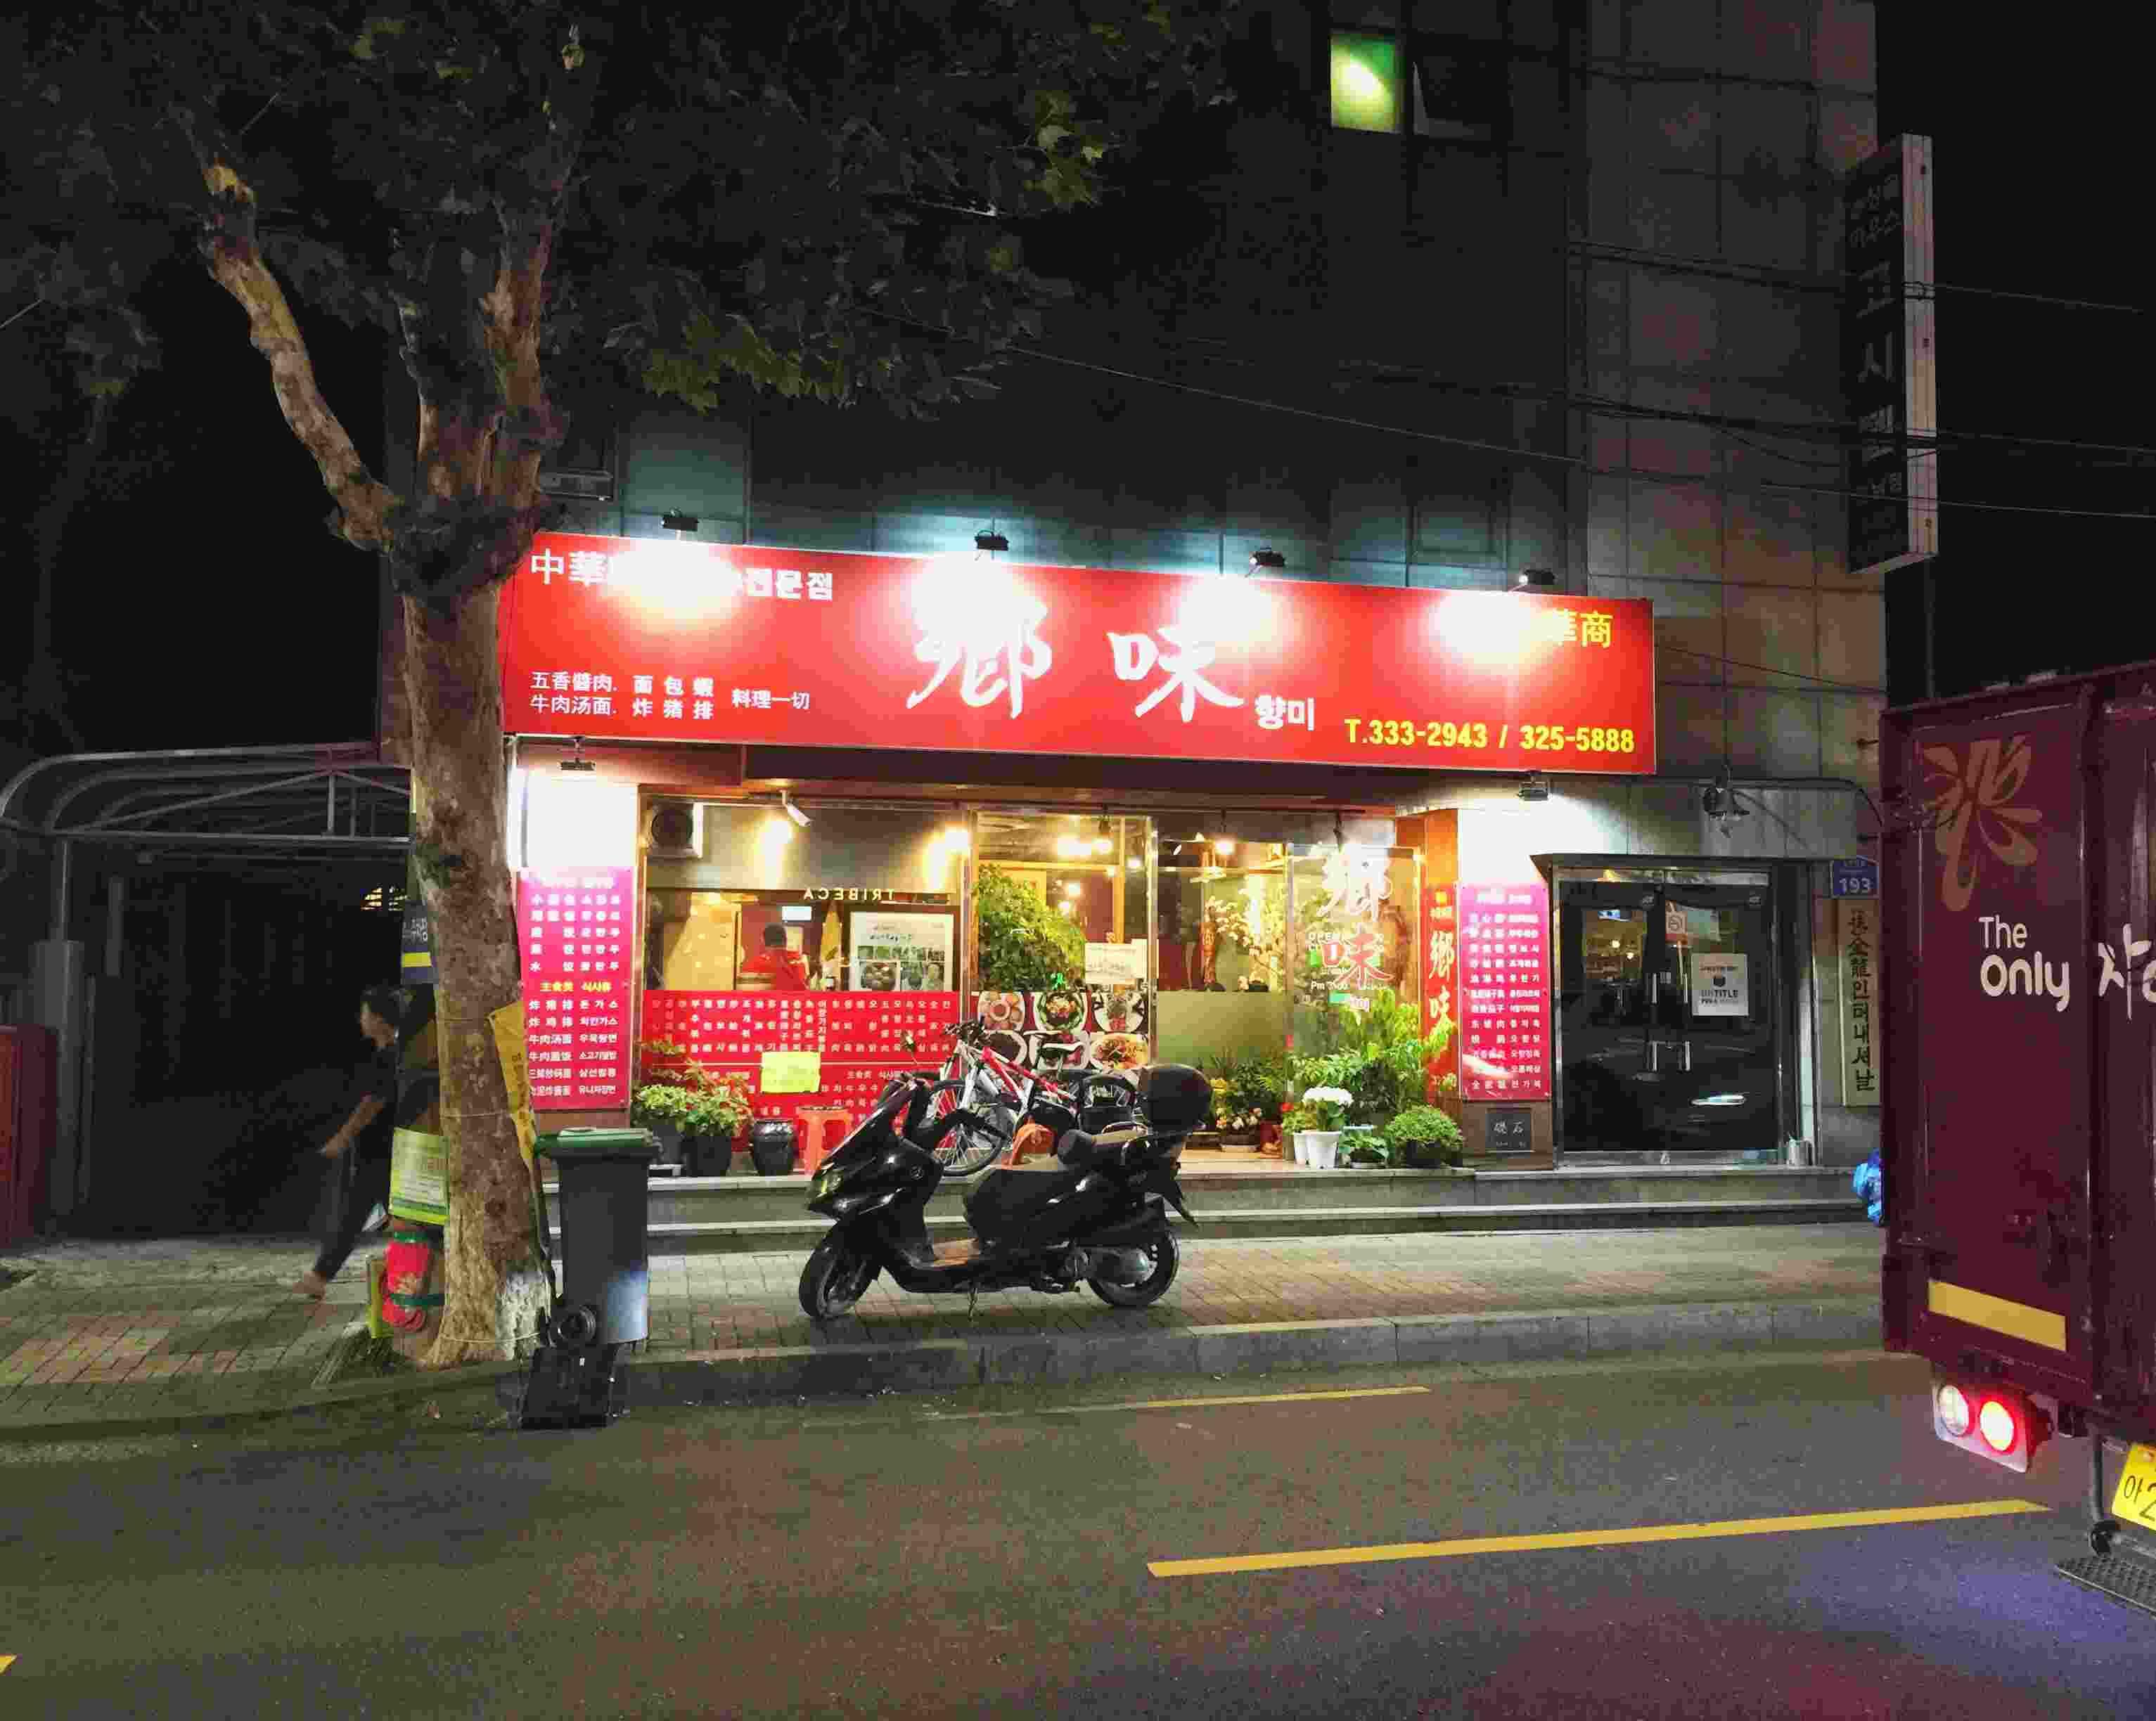 小編曾經在一位常常往返台灣韓國的youtuber的影片當中看見她去吃了在延南洞的一間中華料理「鄉味」,她一邊吃牛肉麵一邊跟老闆說超好吃、比台灣的還好吃!這句話就像魔咒一樣深深地把小編吸引住,比台灣的還好吃?怎麼可能!自詡擁有道地台灣人口味的小編,決定親自去試一試!